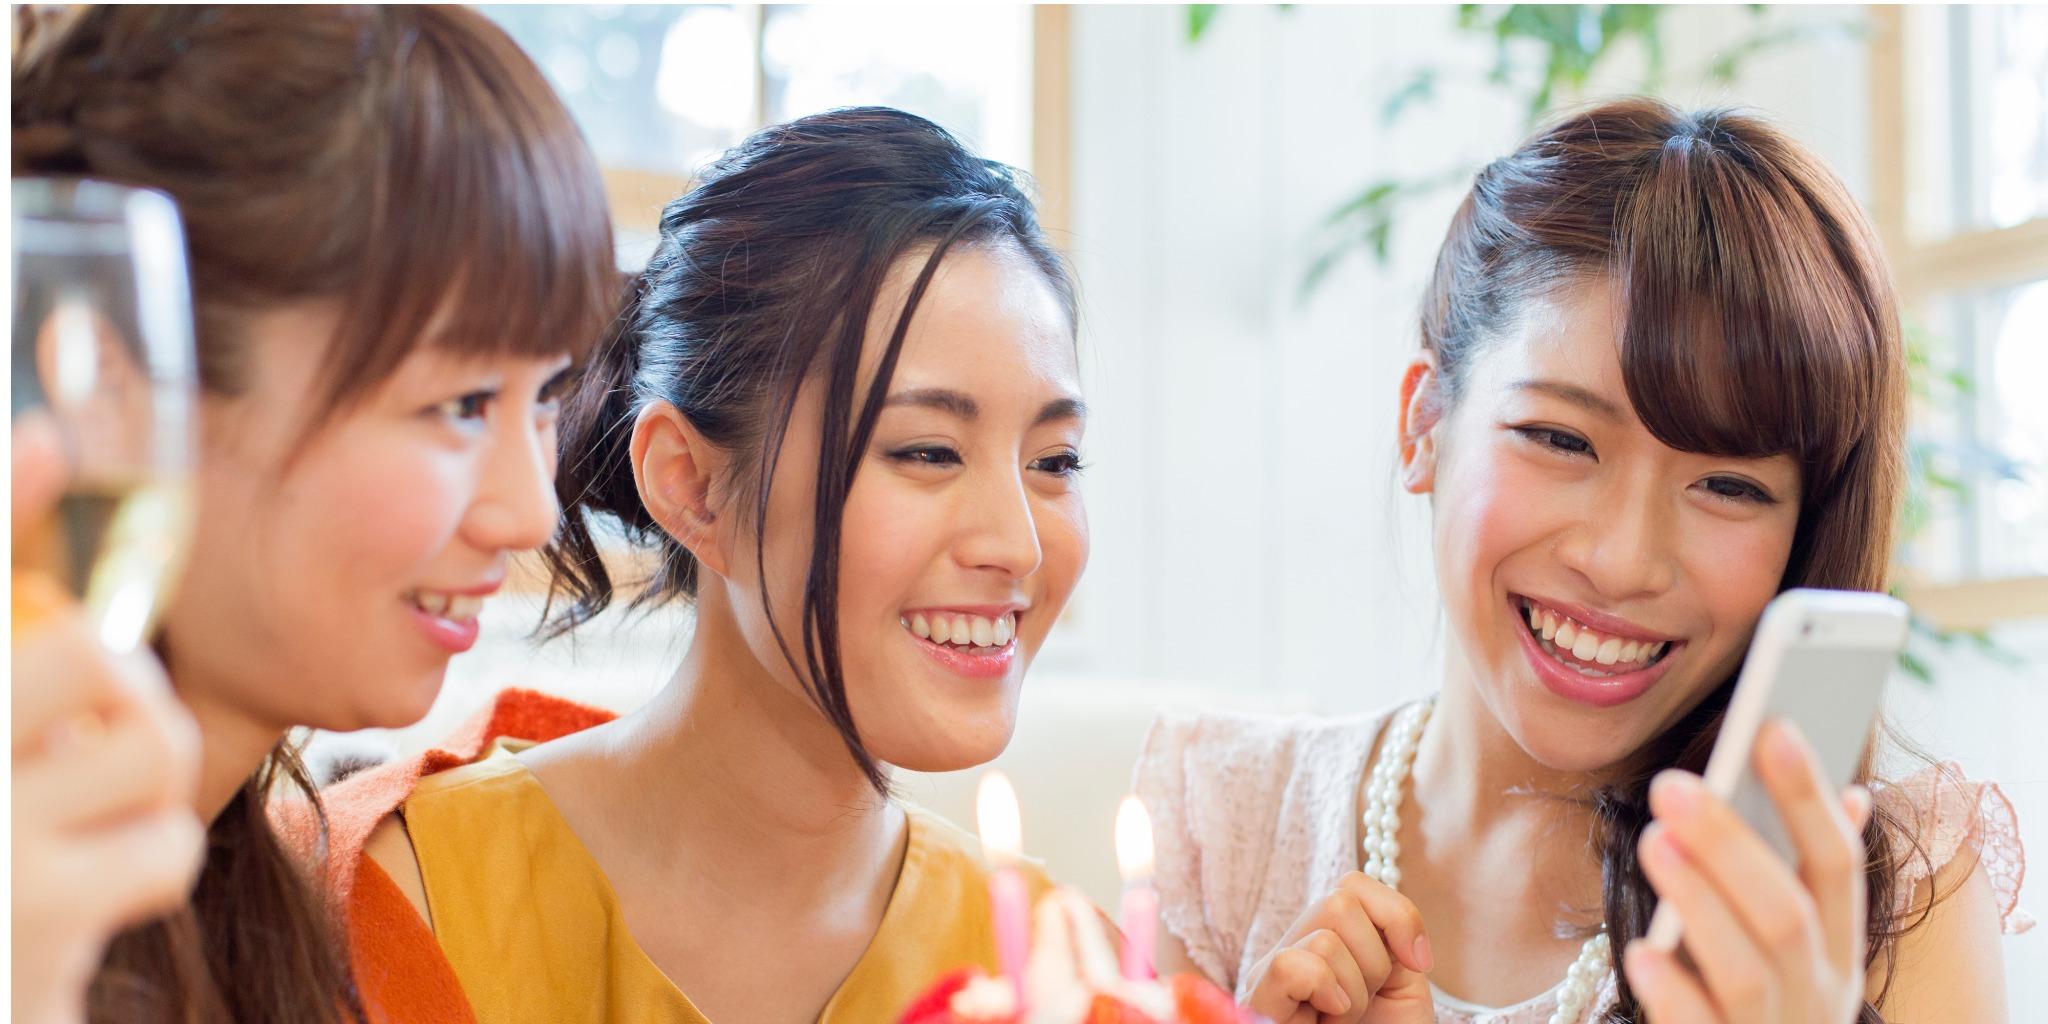 銀座婚活なら婚活居酒屋が人気!食事やお酒を楽しみながら占いも楽しめると女性の口コミ殺到です!